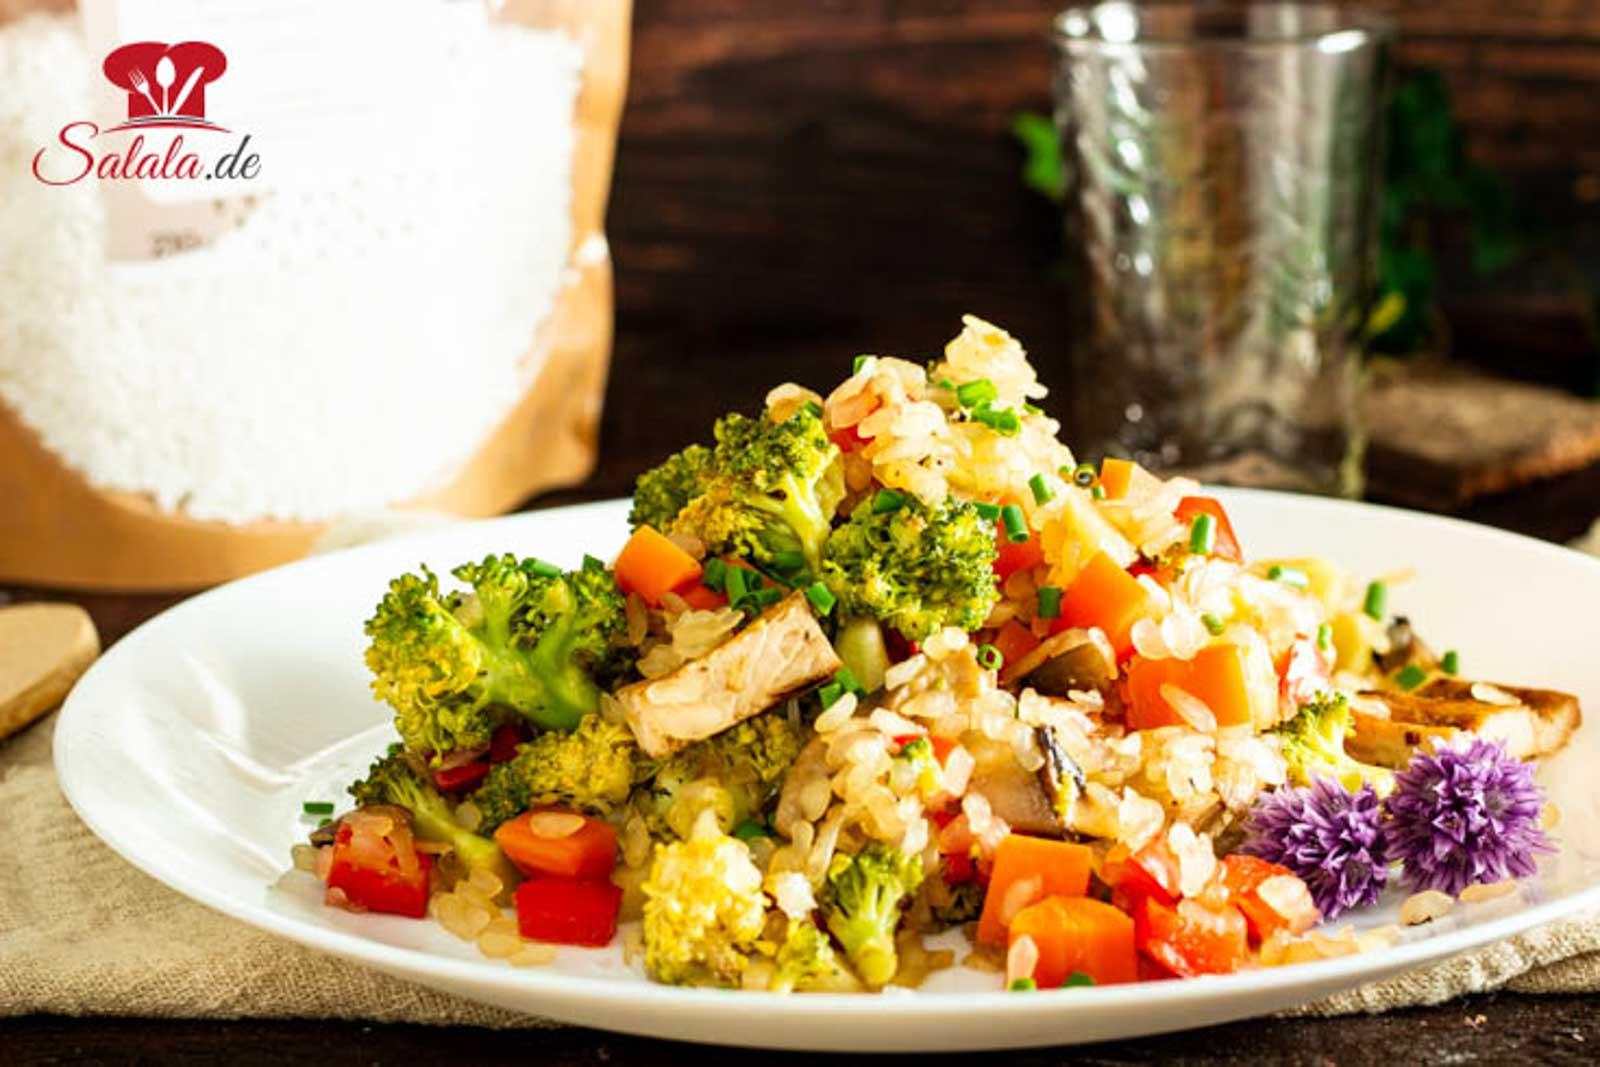 [Werbung] Reis und Low Carb passt ja so gar nicht. Hast du gedacht? Dann hast du den Shileo Reis noch nicht probiert. Shileo Reis ist Konjakreis aber anders. Nicht schleimig, sondern lecker. Shileo Konjakreis passt auch super zu unserer Low Carb Reispfanne mit Gemüse. Probiers aus. #shileo #shileoreis #lowcarbreis #konjakreis #reispfanne #lowcarbreispfanne #reispfannemitgemüse #ketoreispfanne